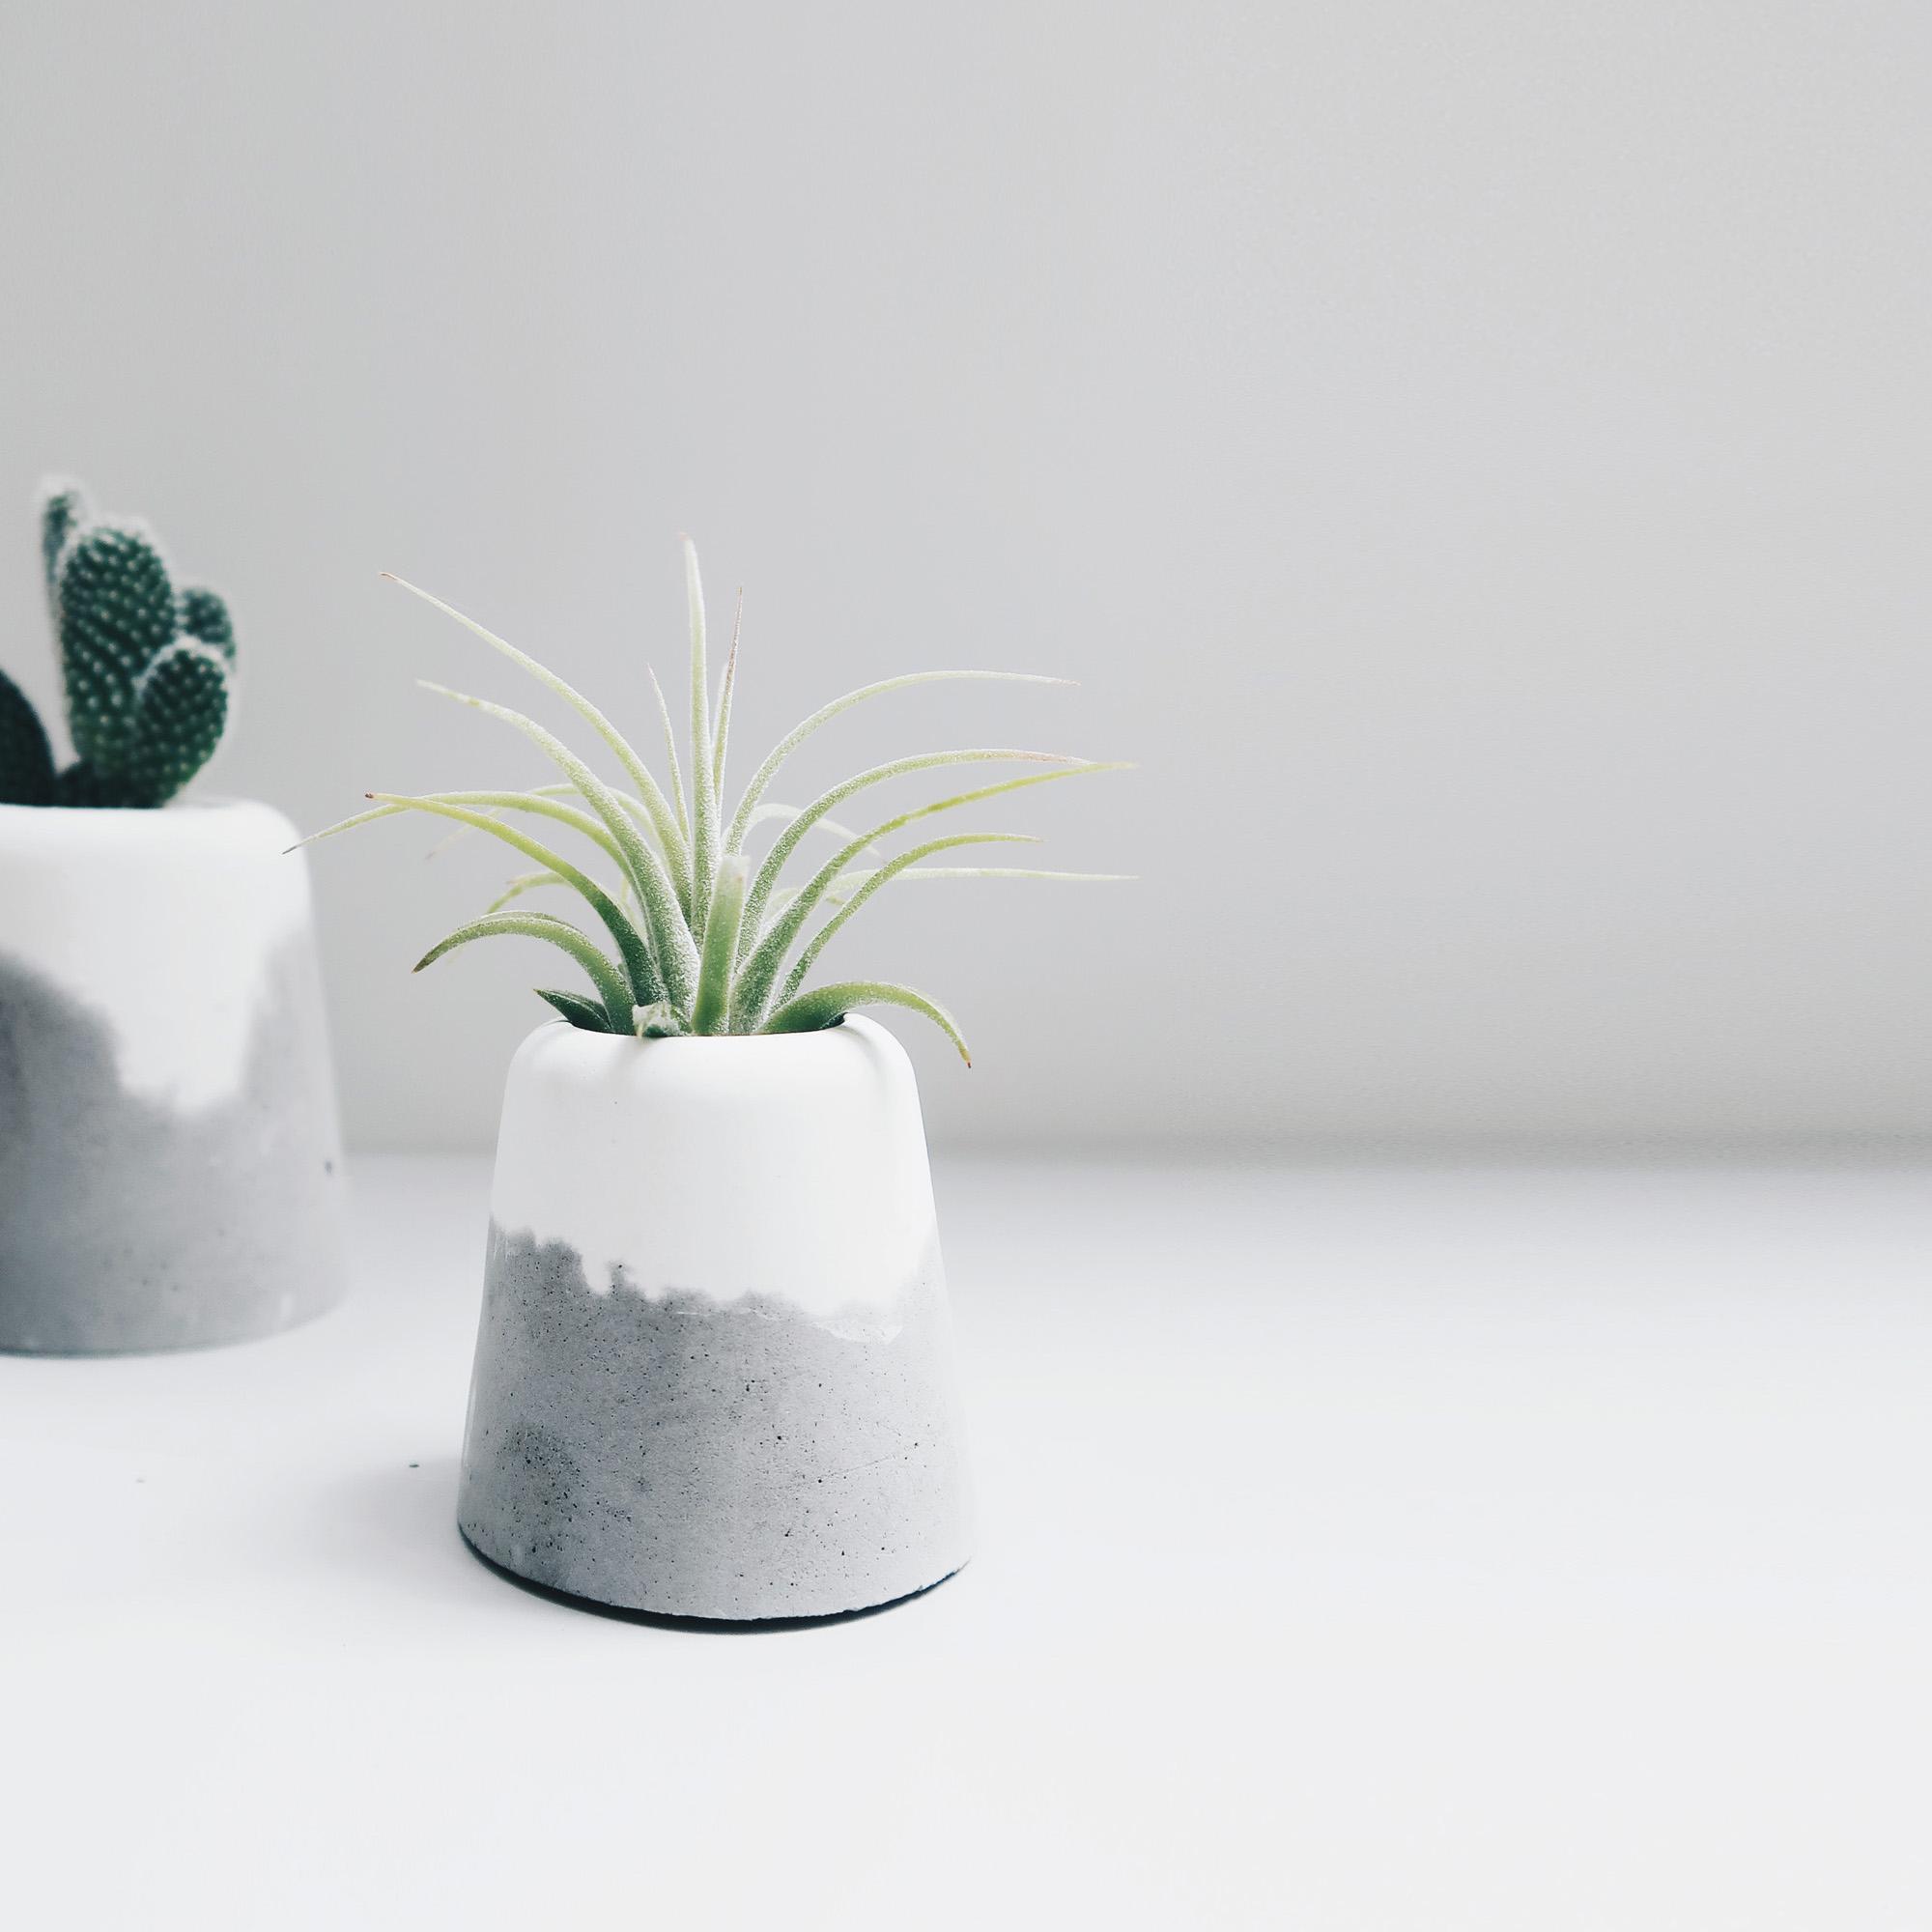 SNOW VOLCAN 雪火山空氣鳳梨水泥盆栽・植栽・禮物